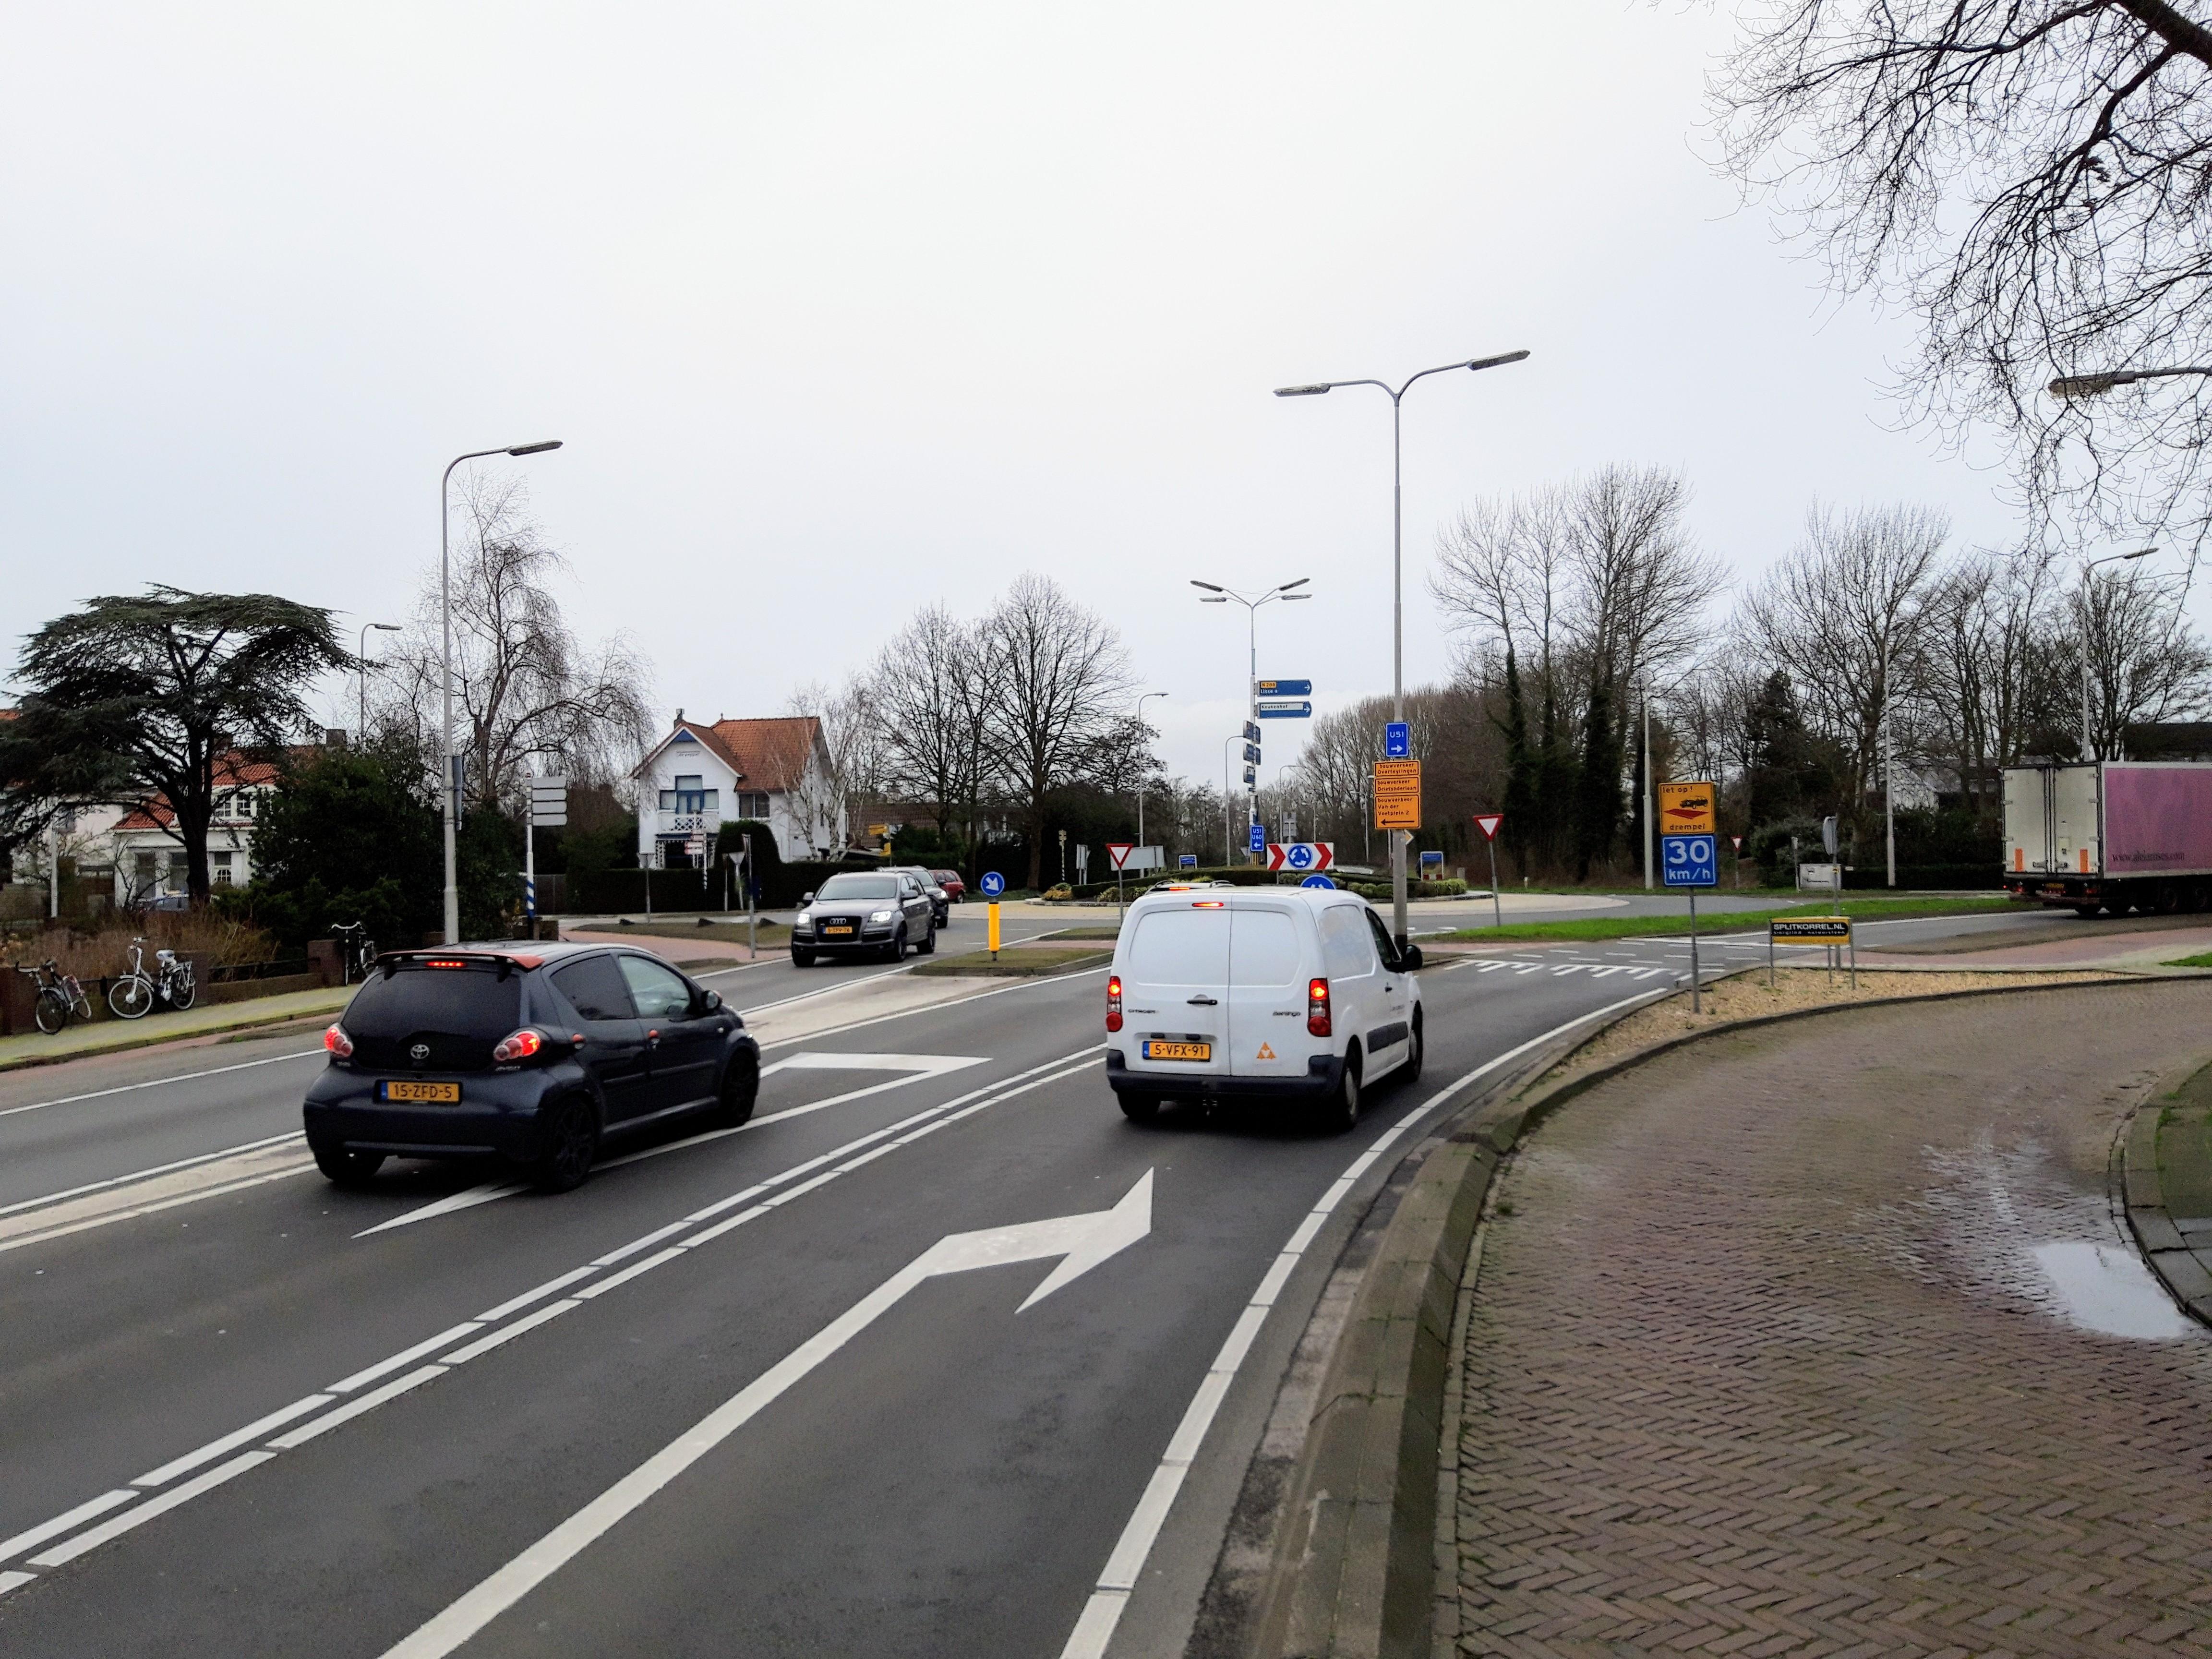 'Minder auto's moet in Teylingen uitgangspunt zijn voor mobiliteitsplan'